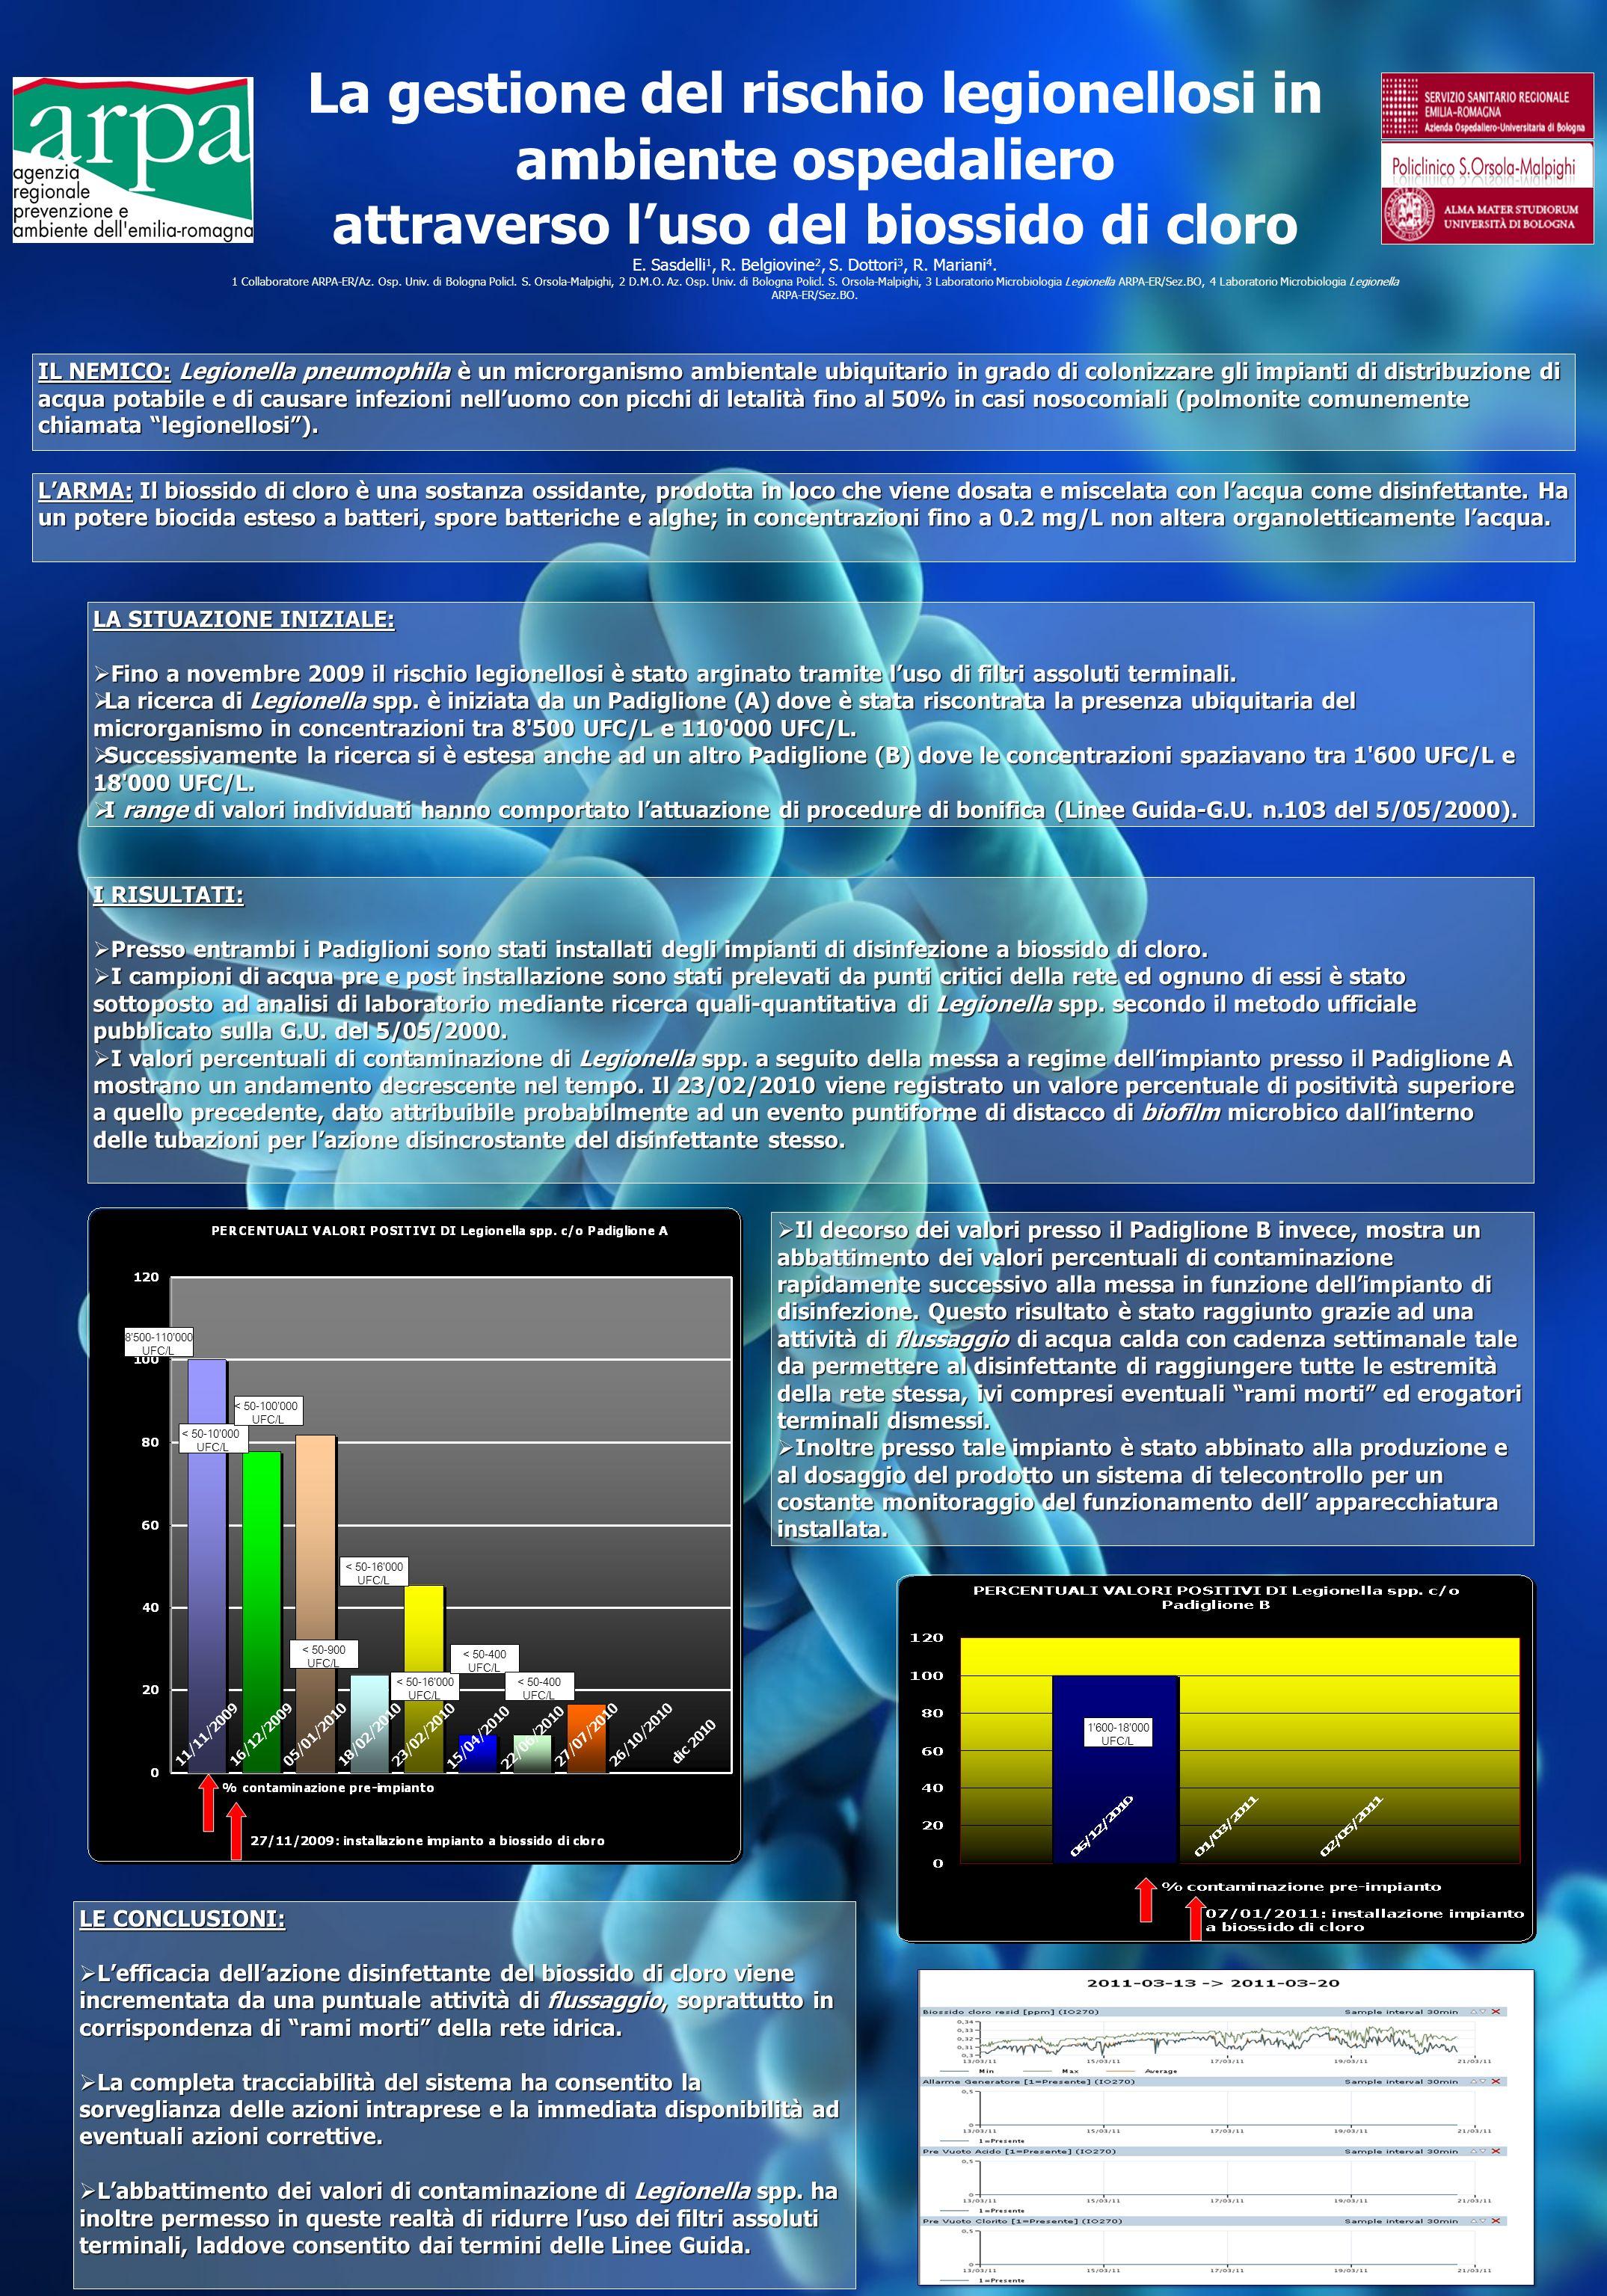 La gestione del rischio legionellosi in ambiente ospedaliero